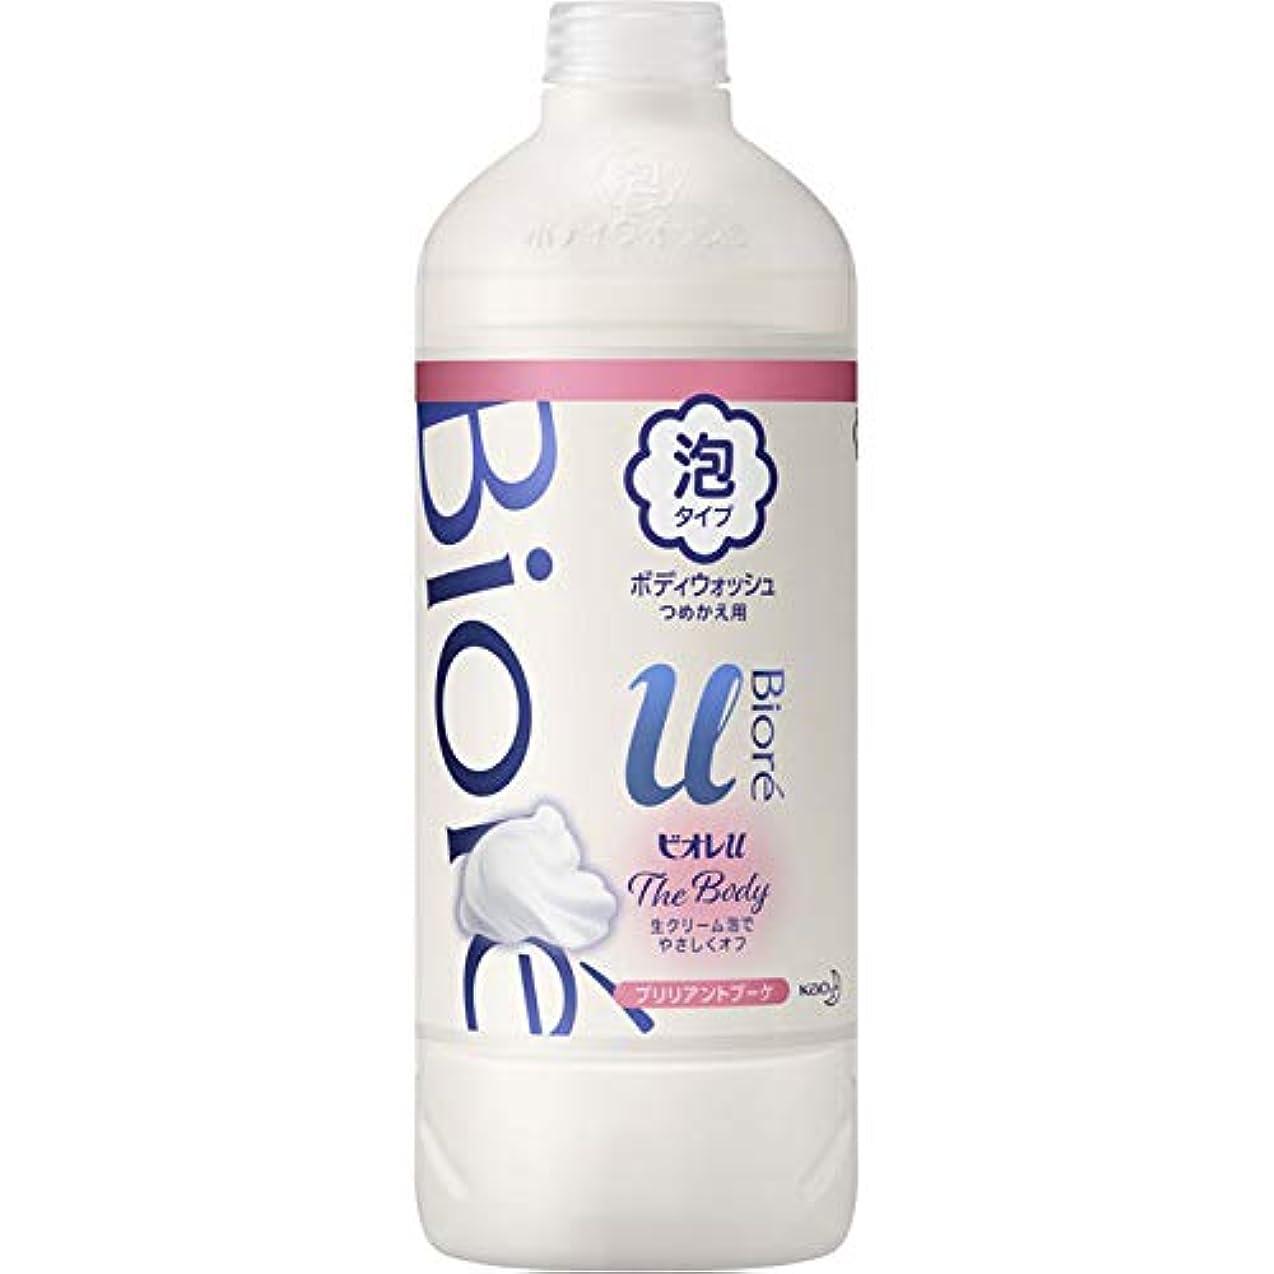 望む充電チャーミング花王 ビオレu ザ ボディ泡ブリリアントブーケの香り 詰替え用 450ml